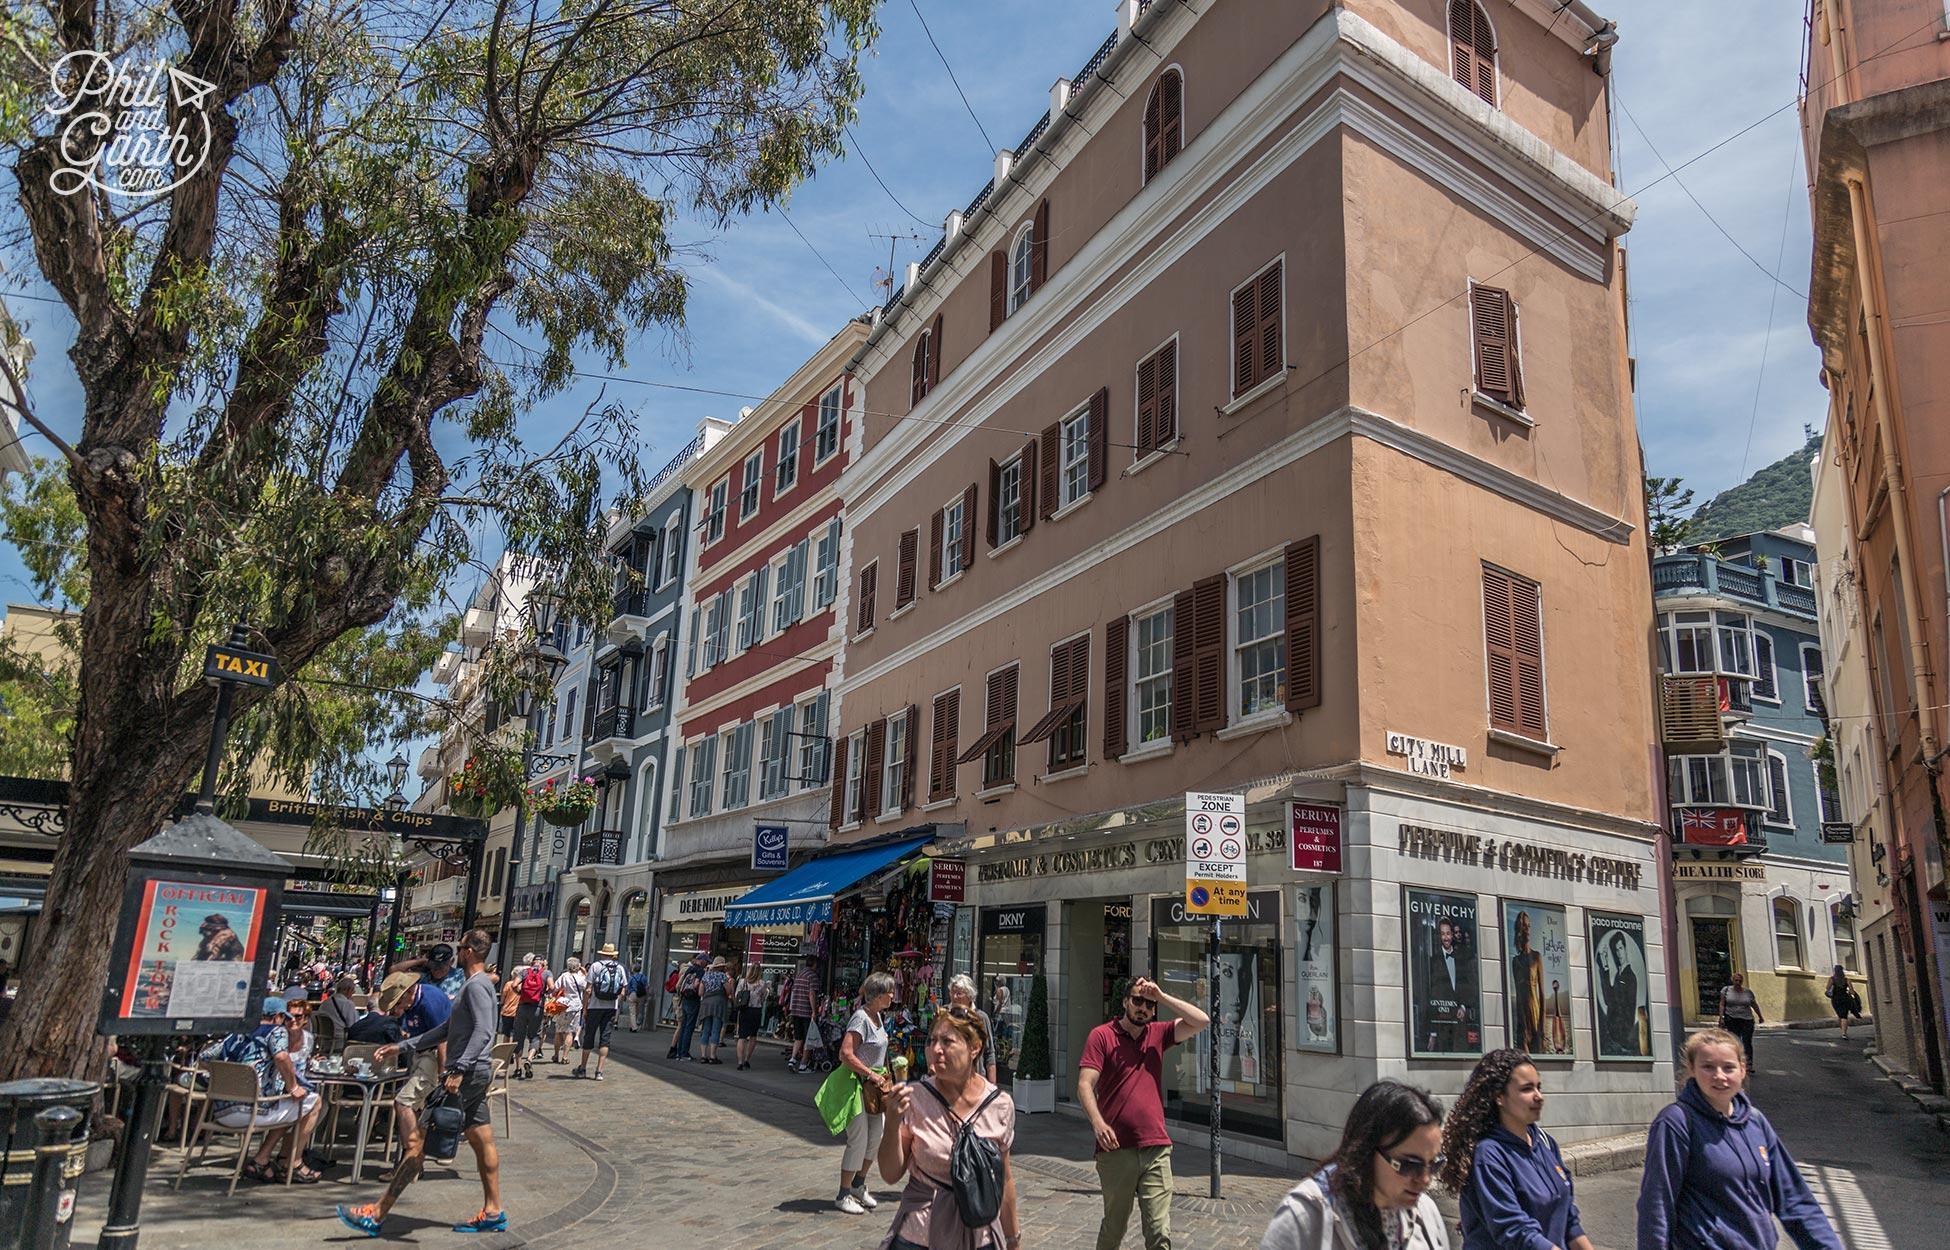 Bustling Main Street Gibraltar